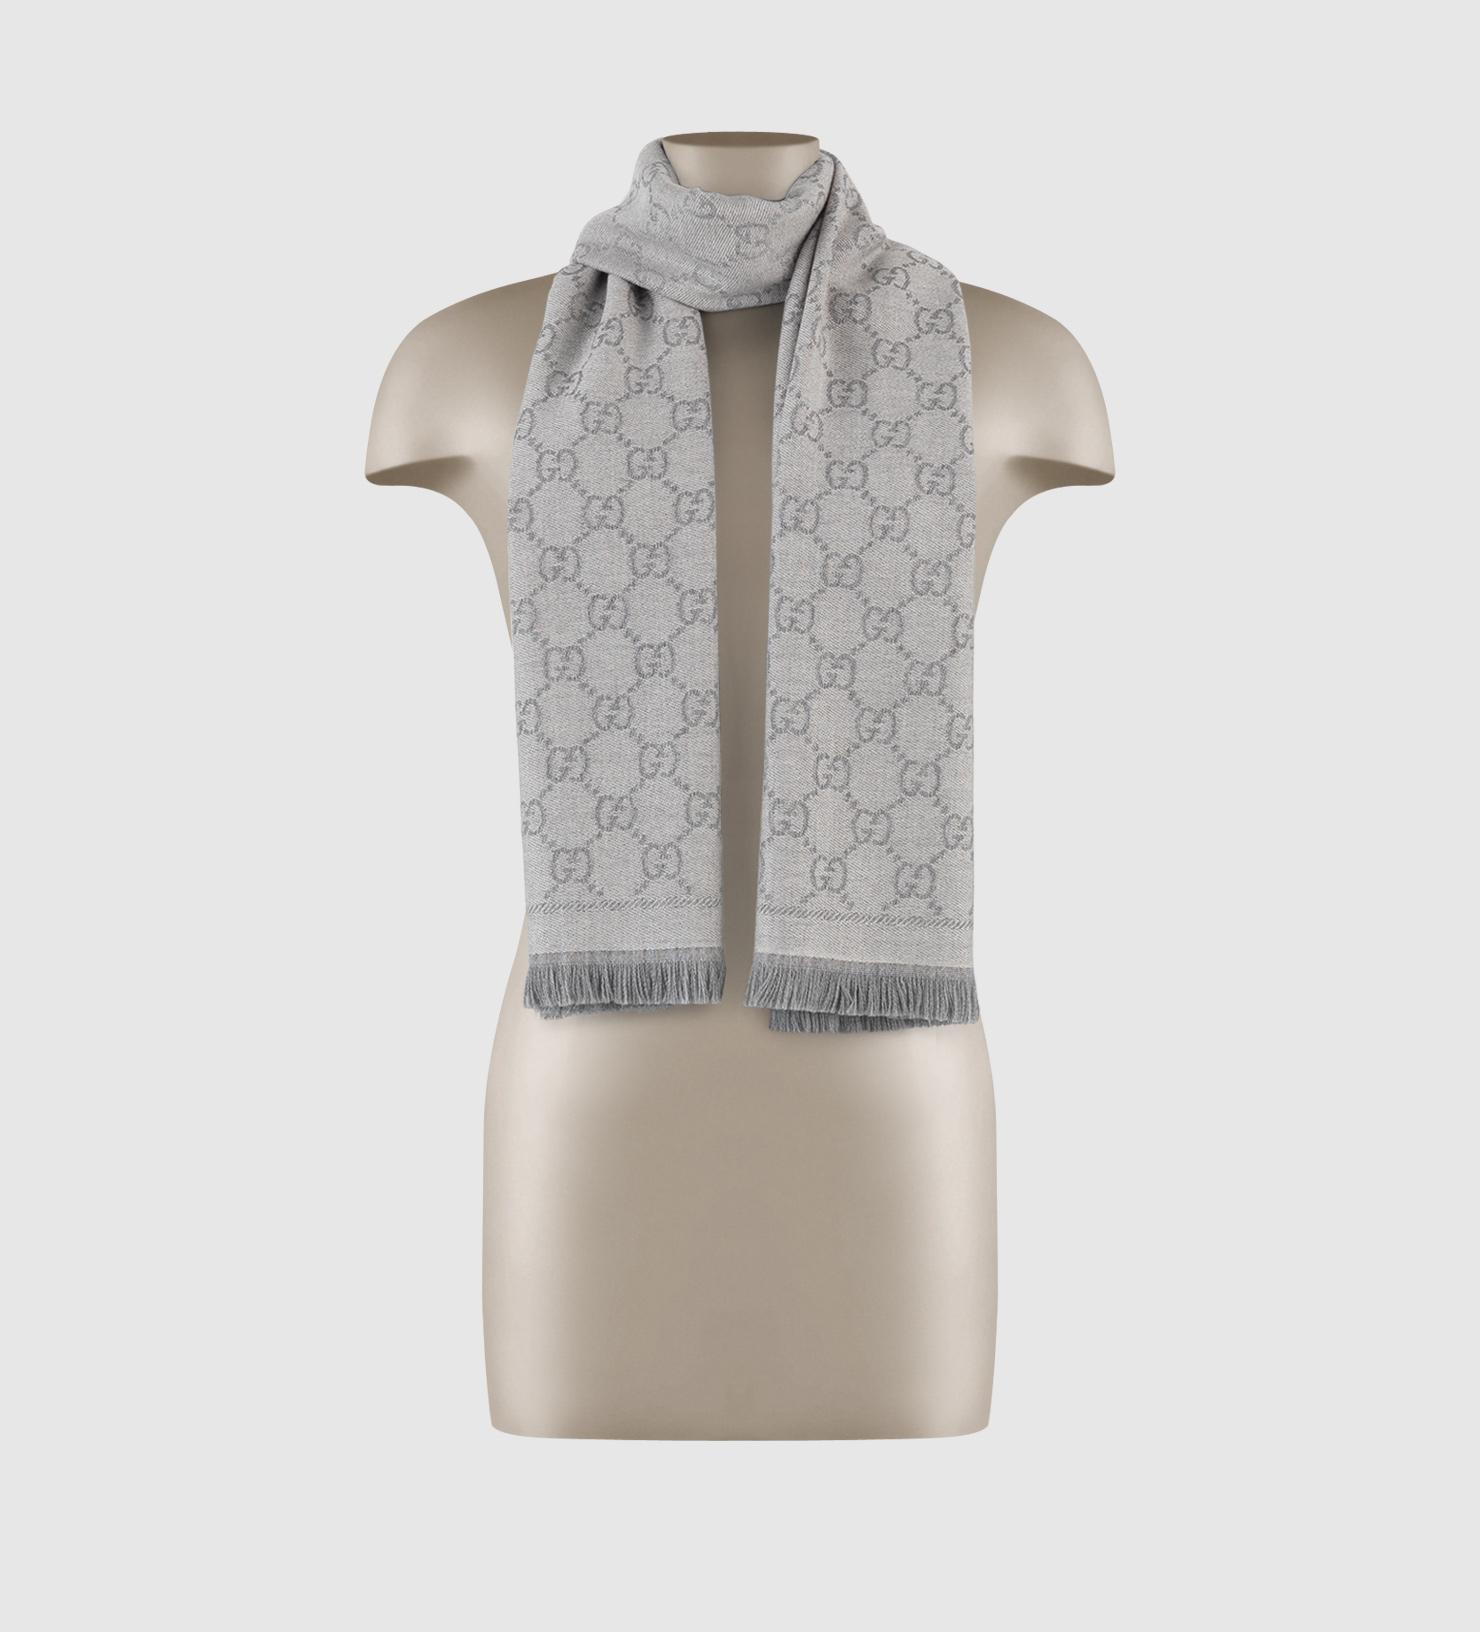 GG jacquard knit scarf - Blue Gucci NGcq29l